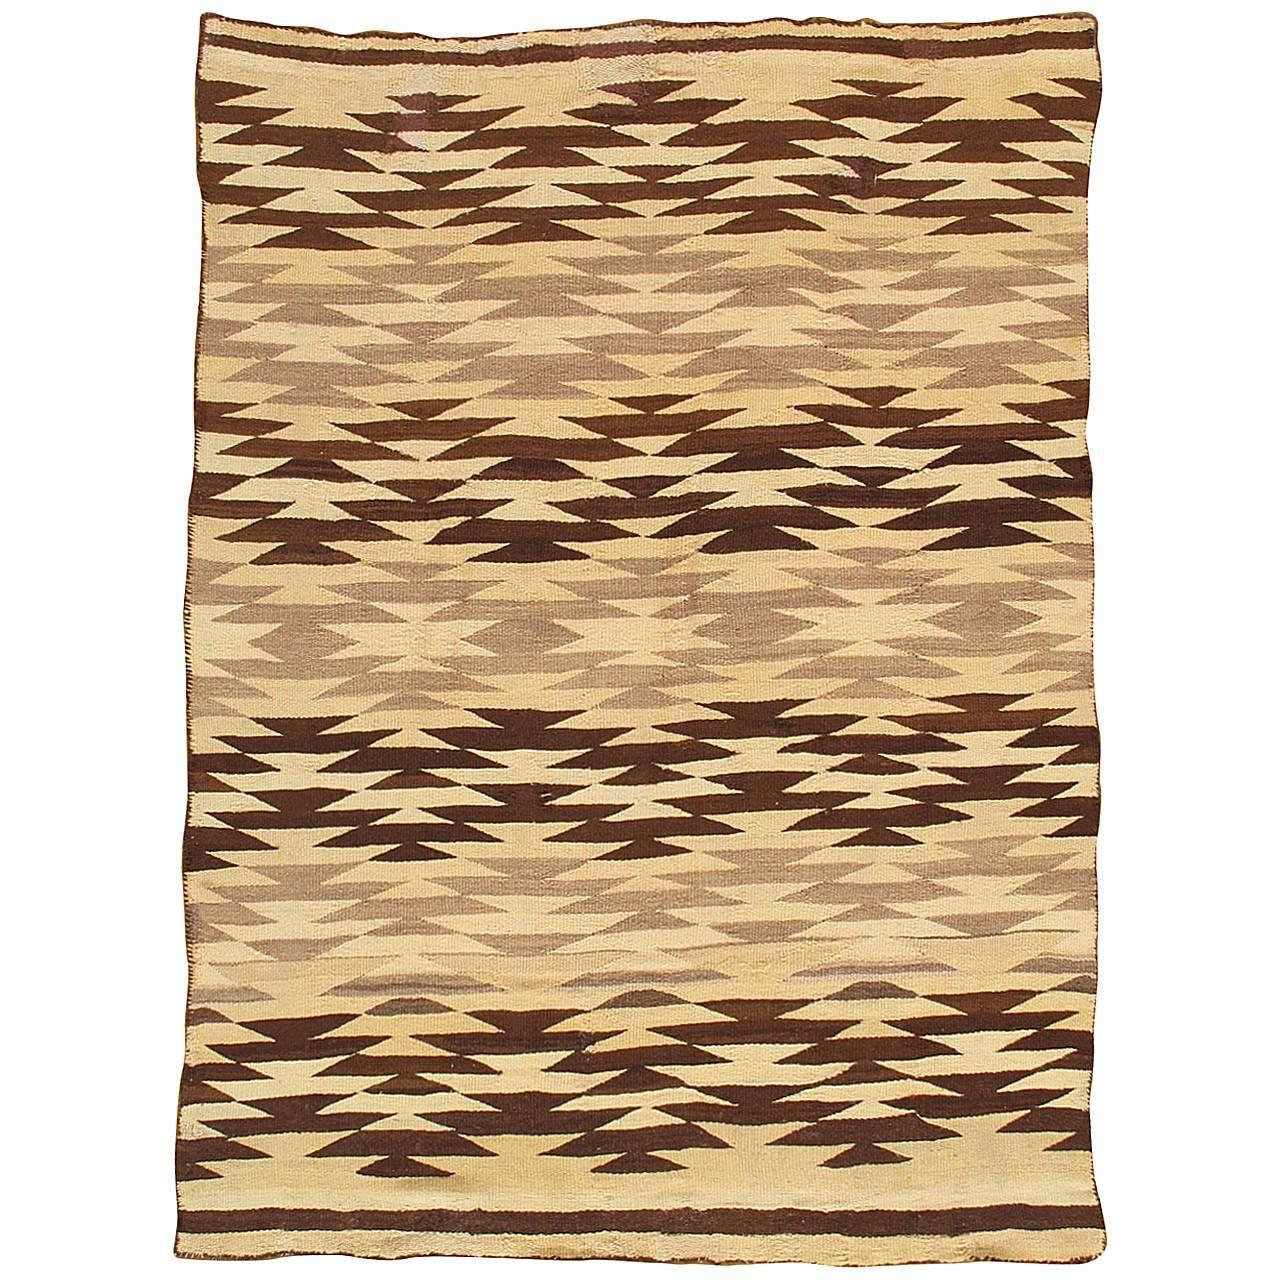 Vintage Navajo Carpet, Handmade Rug, Brown, Blue, Beige, Taupe Soft Red Color